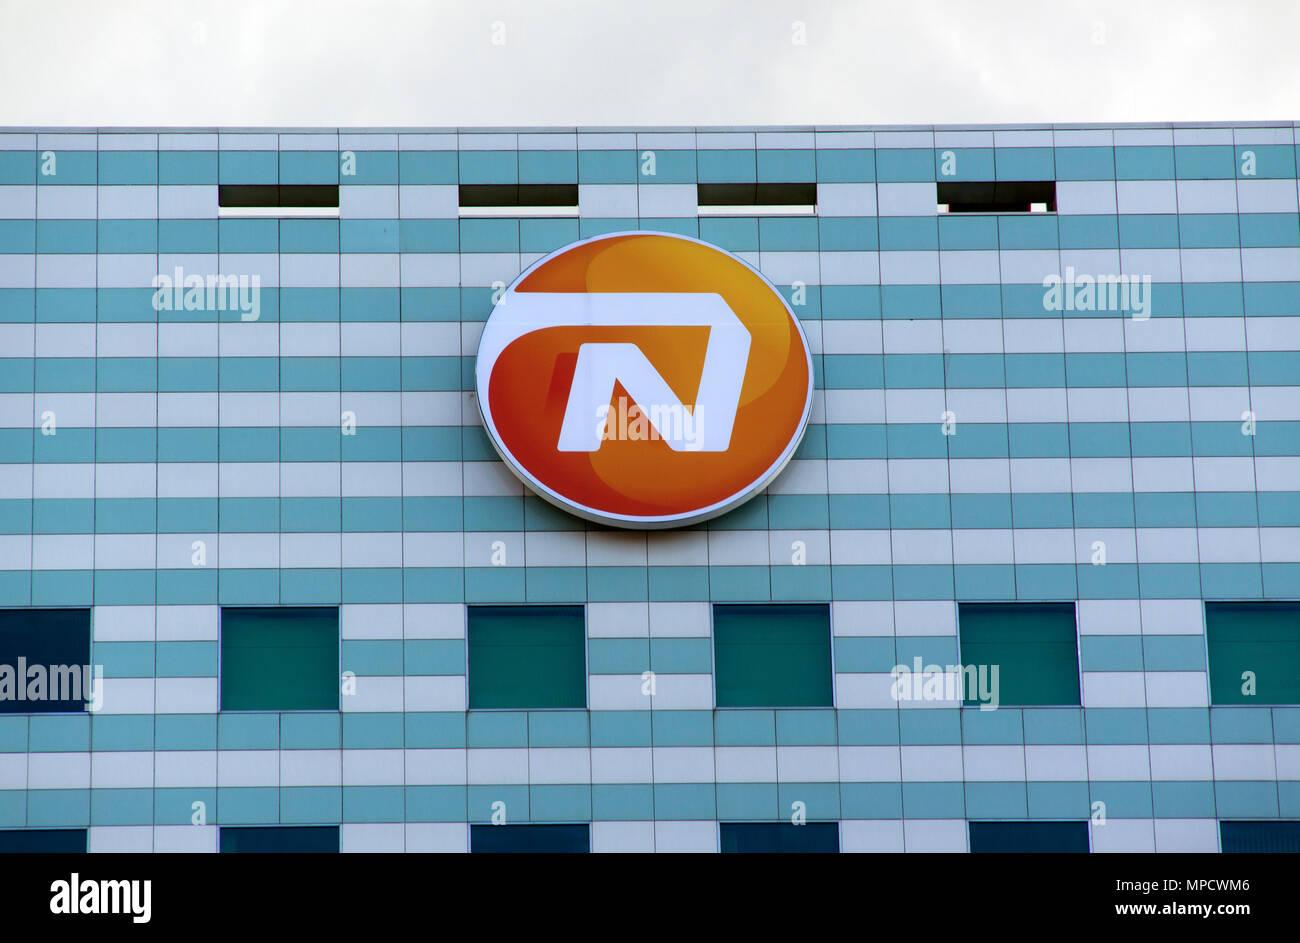 La haya pa ses bajos septiembre 26 2015 nationale for Nationale nederlanden oficinas